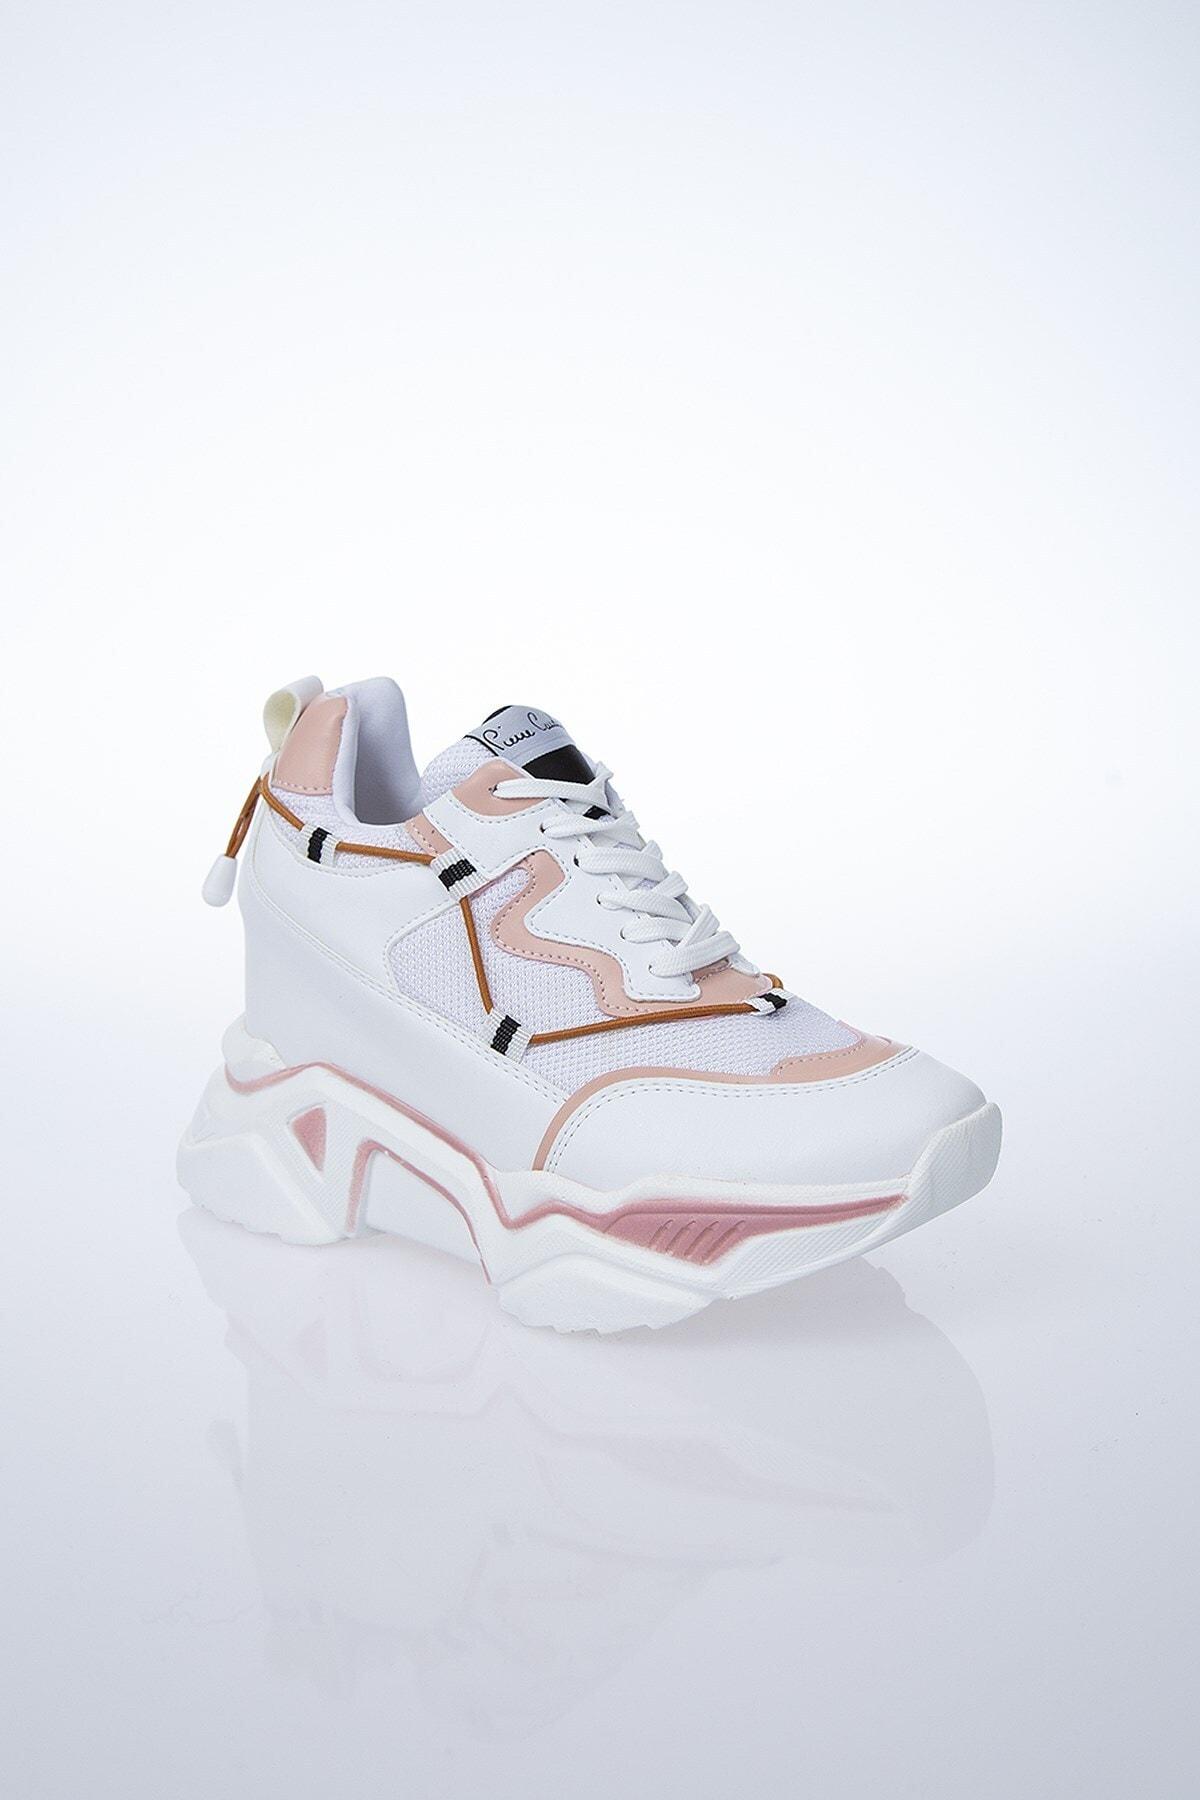 Pierre Cardin PC-30192 Beyaz-Pudra Kadın Spor Ayakkabı 2